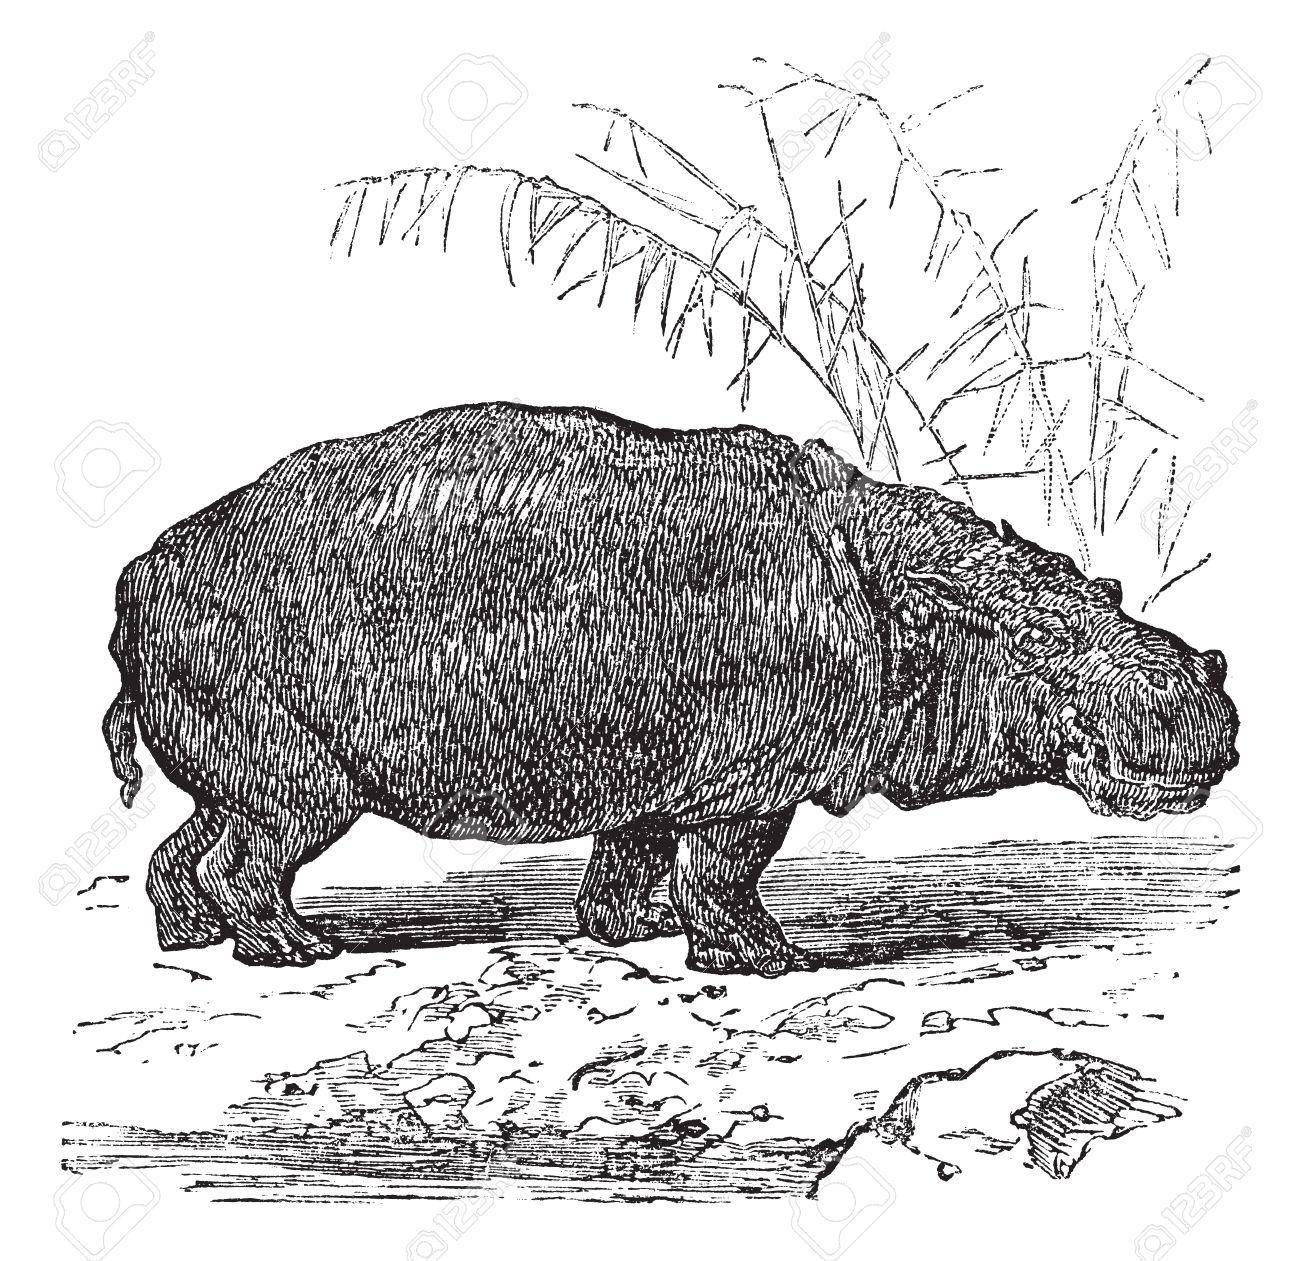 Hippopotamus Or Hippopotamus Amphibius Or Hippo Or Hippopotami.